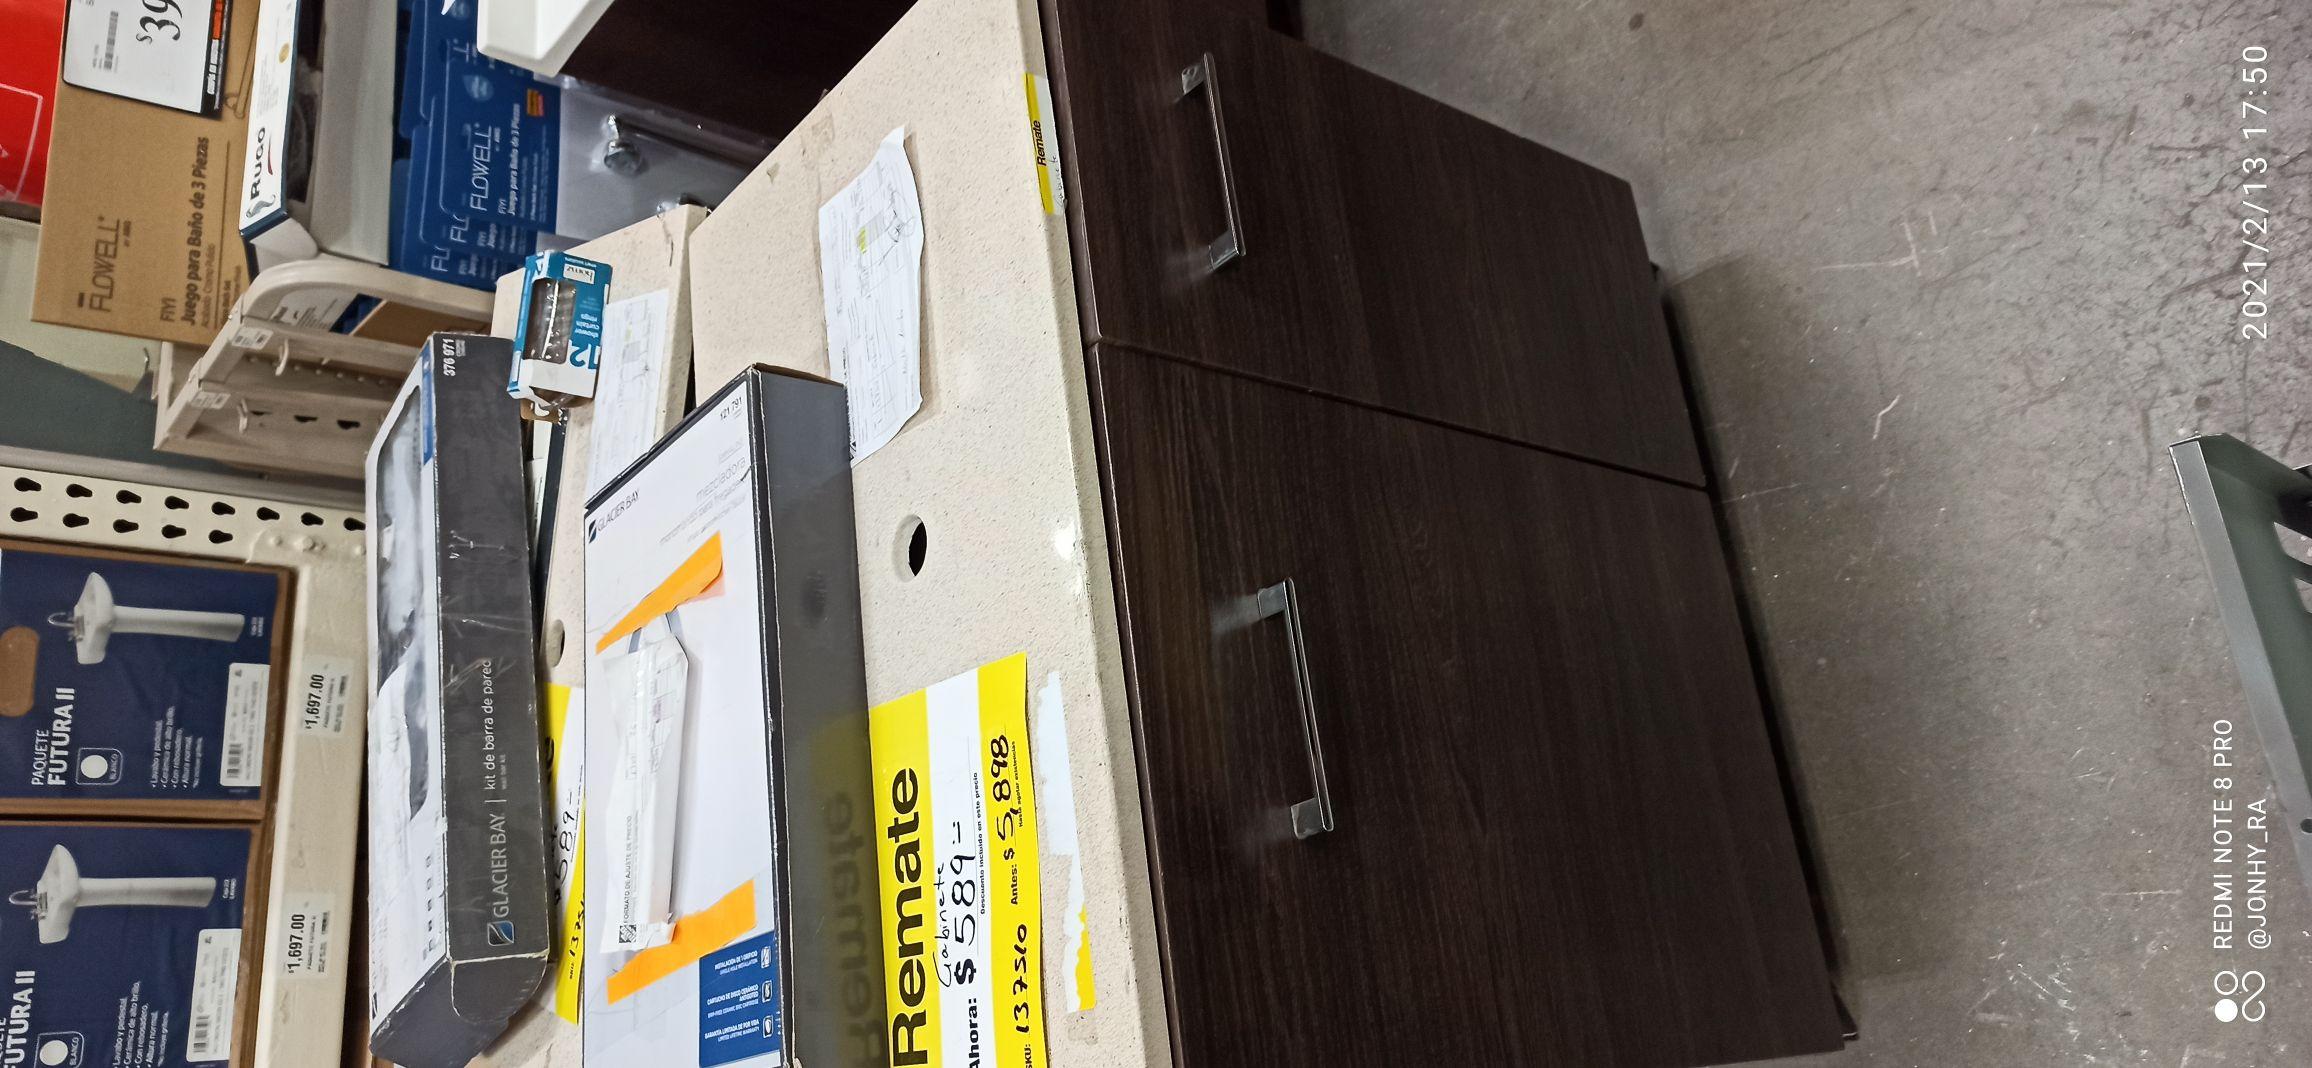 Home Depot: Remate lavabo de 5900 a 589